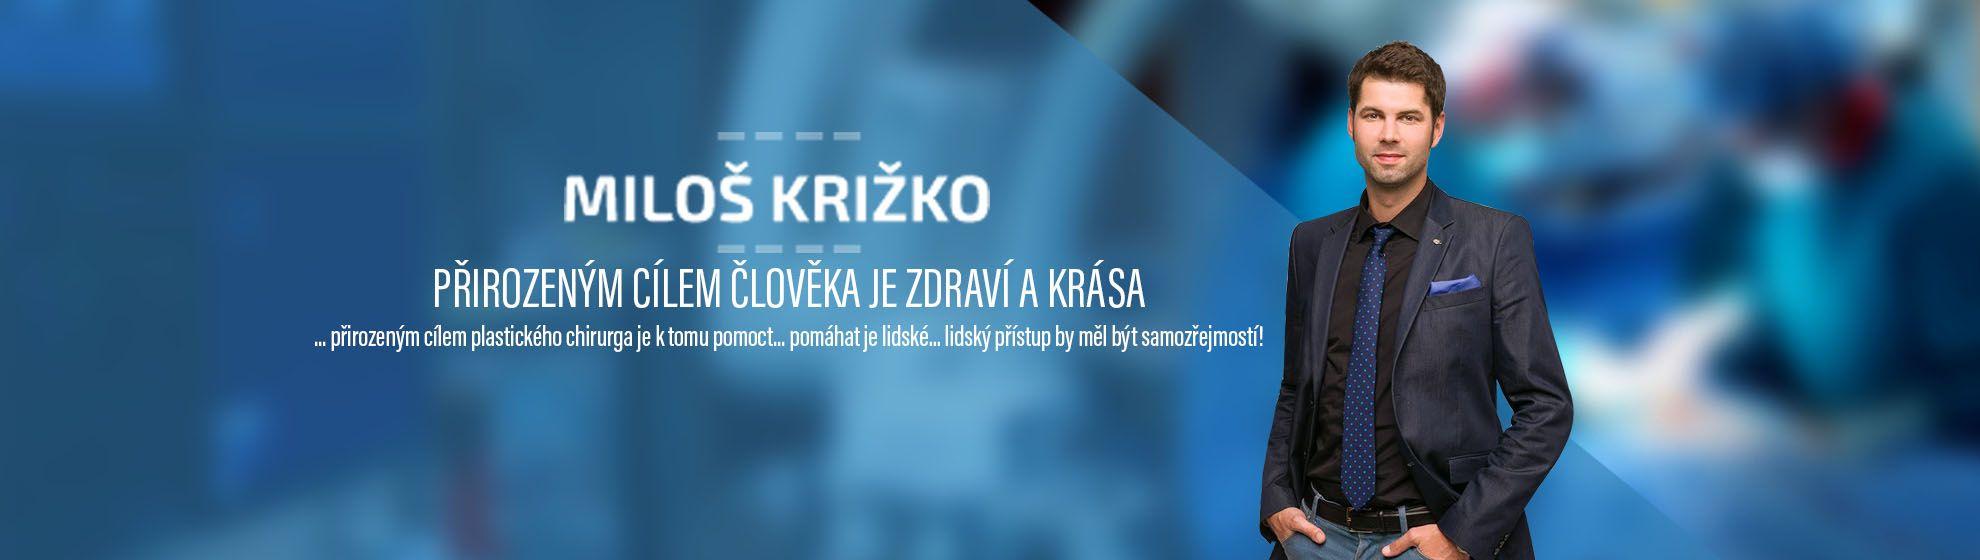 MUDr. Miloš Križko